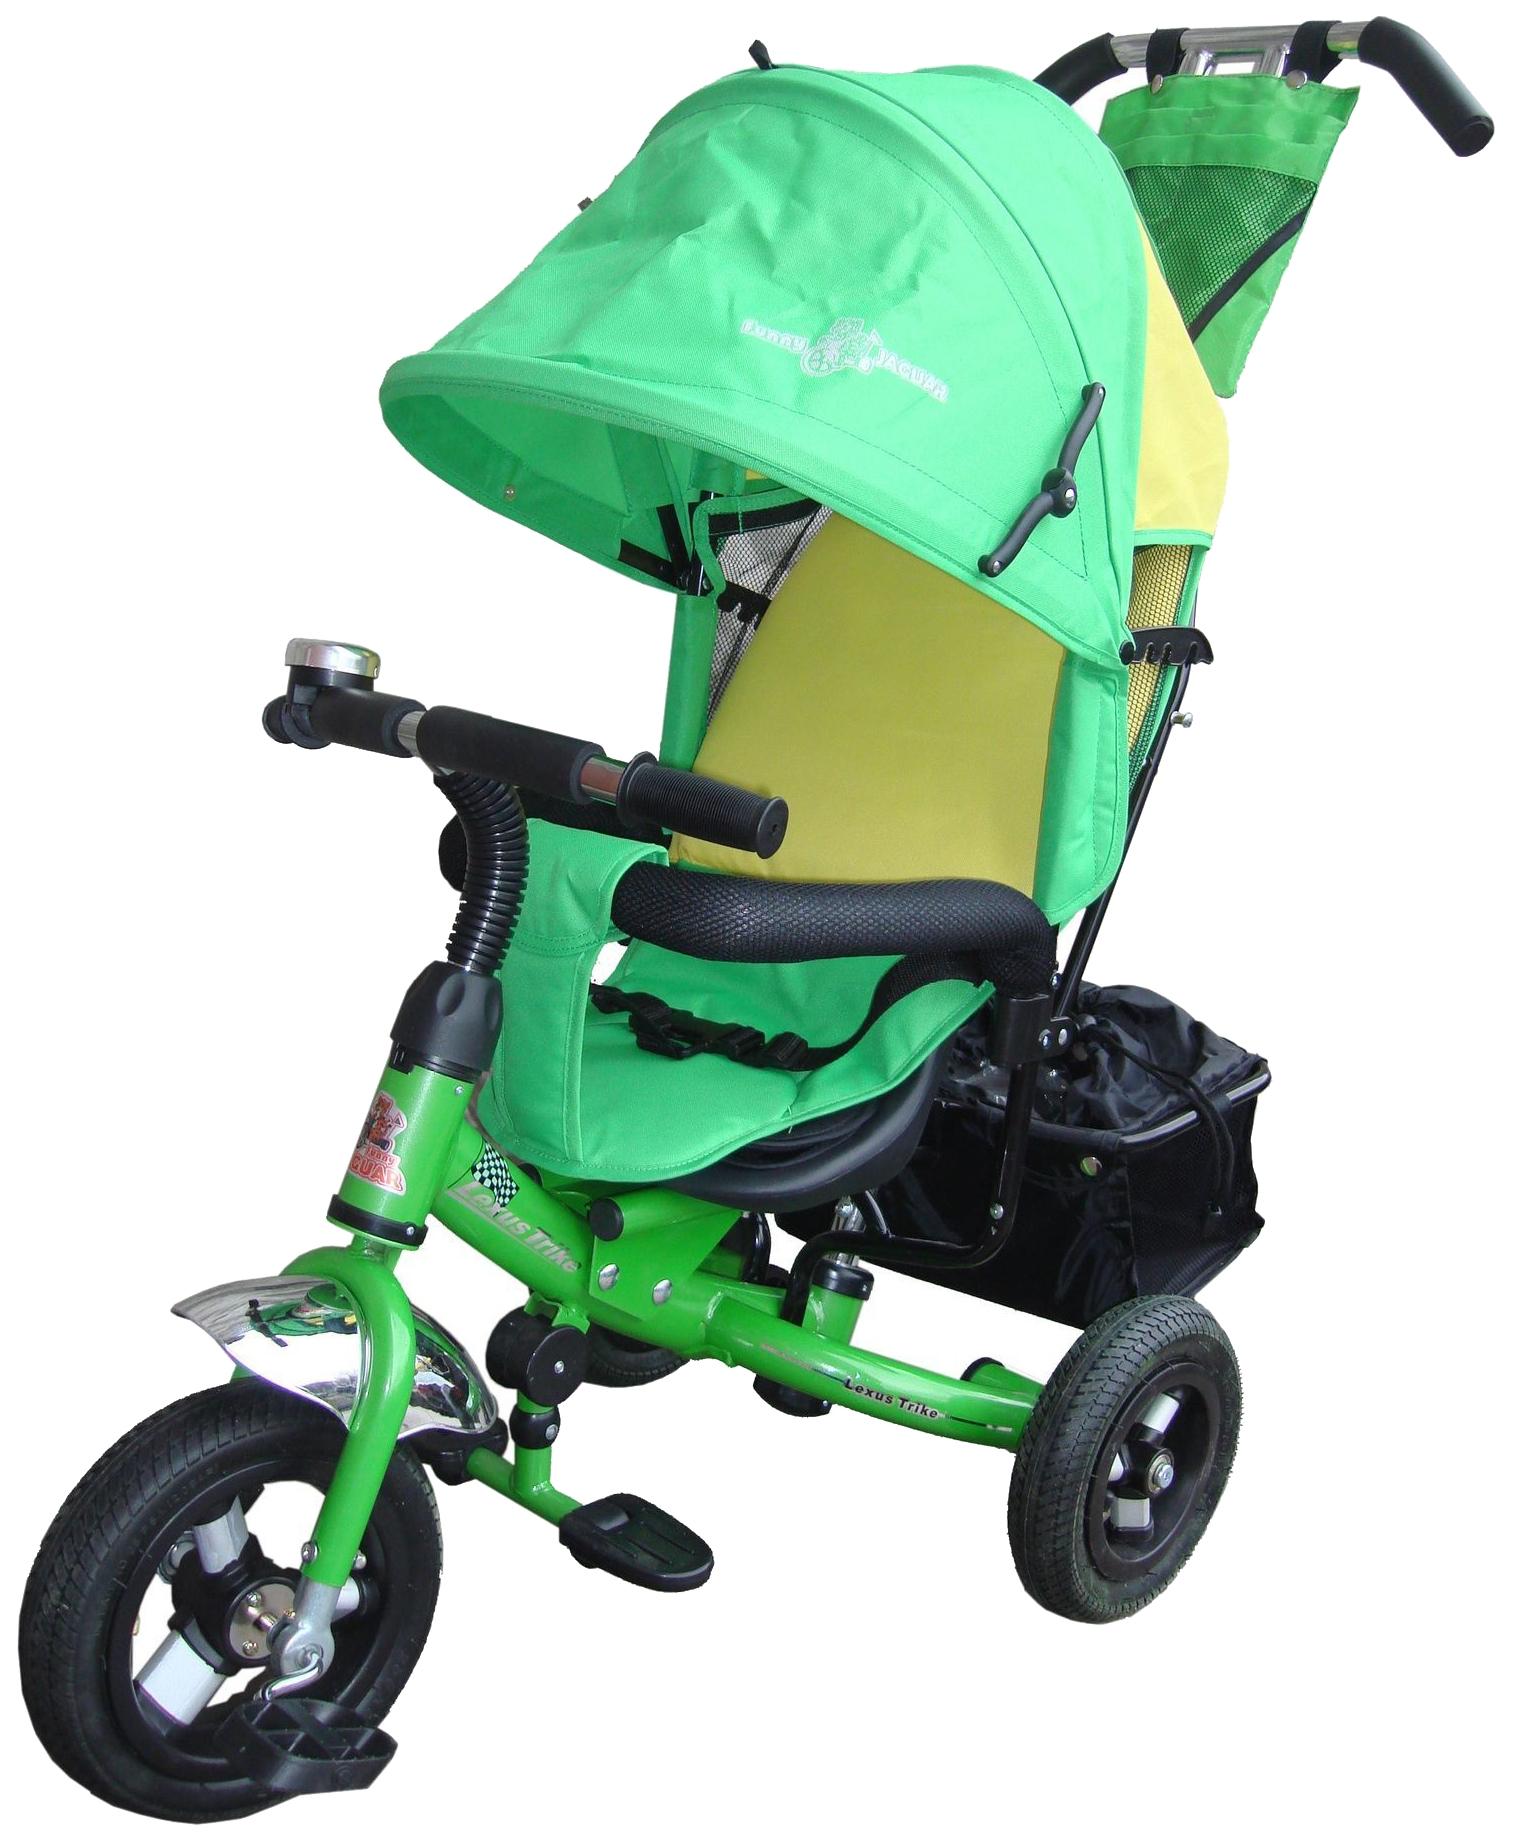 Купить Трехколесный велосипед Funny Jaguar Lexus Trike Next Pro Air зеленый, Детские велосипеды-коляски